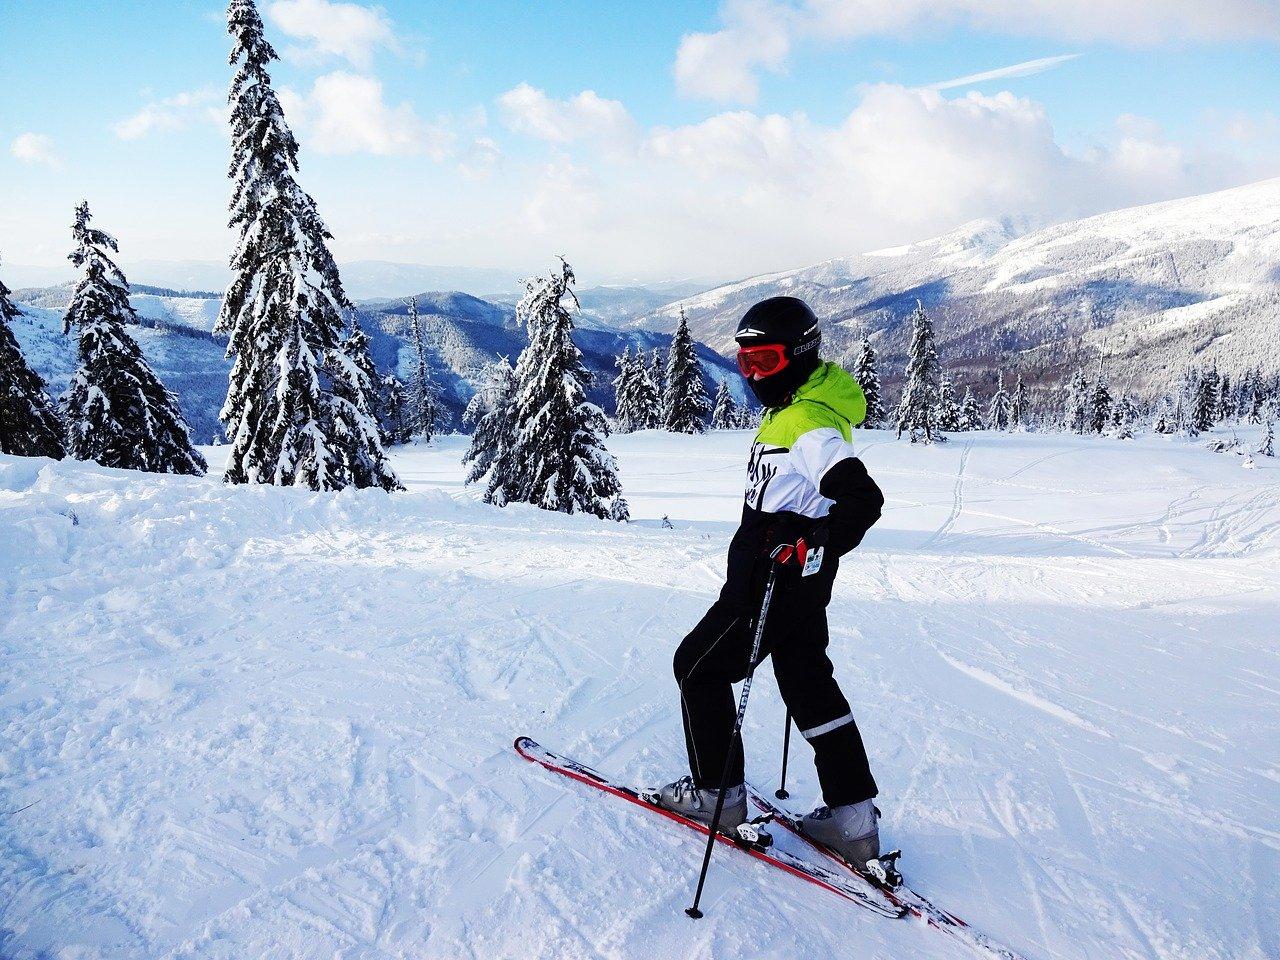 FERIE 2020: Gzie można wybrać się na narty? Lista stoków narciarskich - Zdjęcie główne